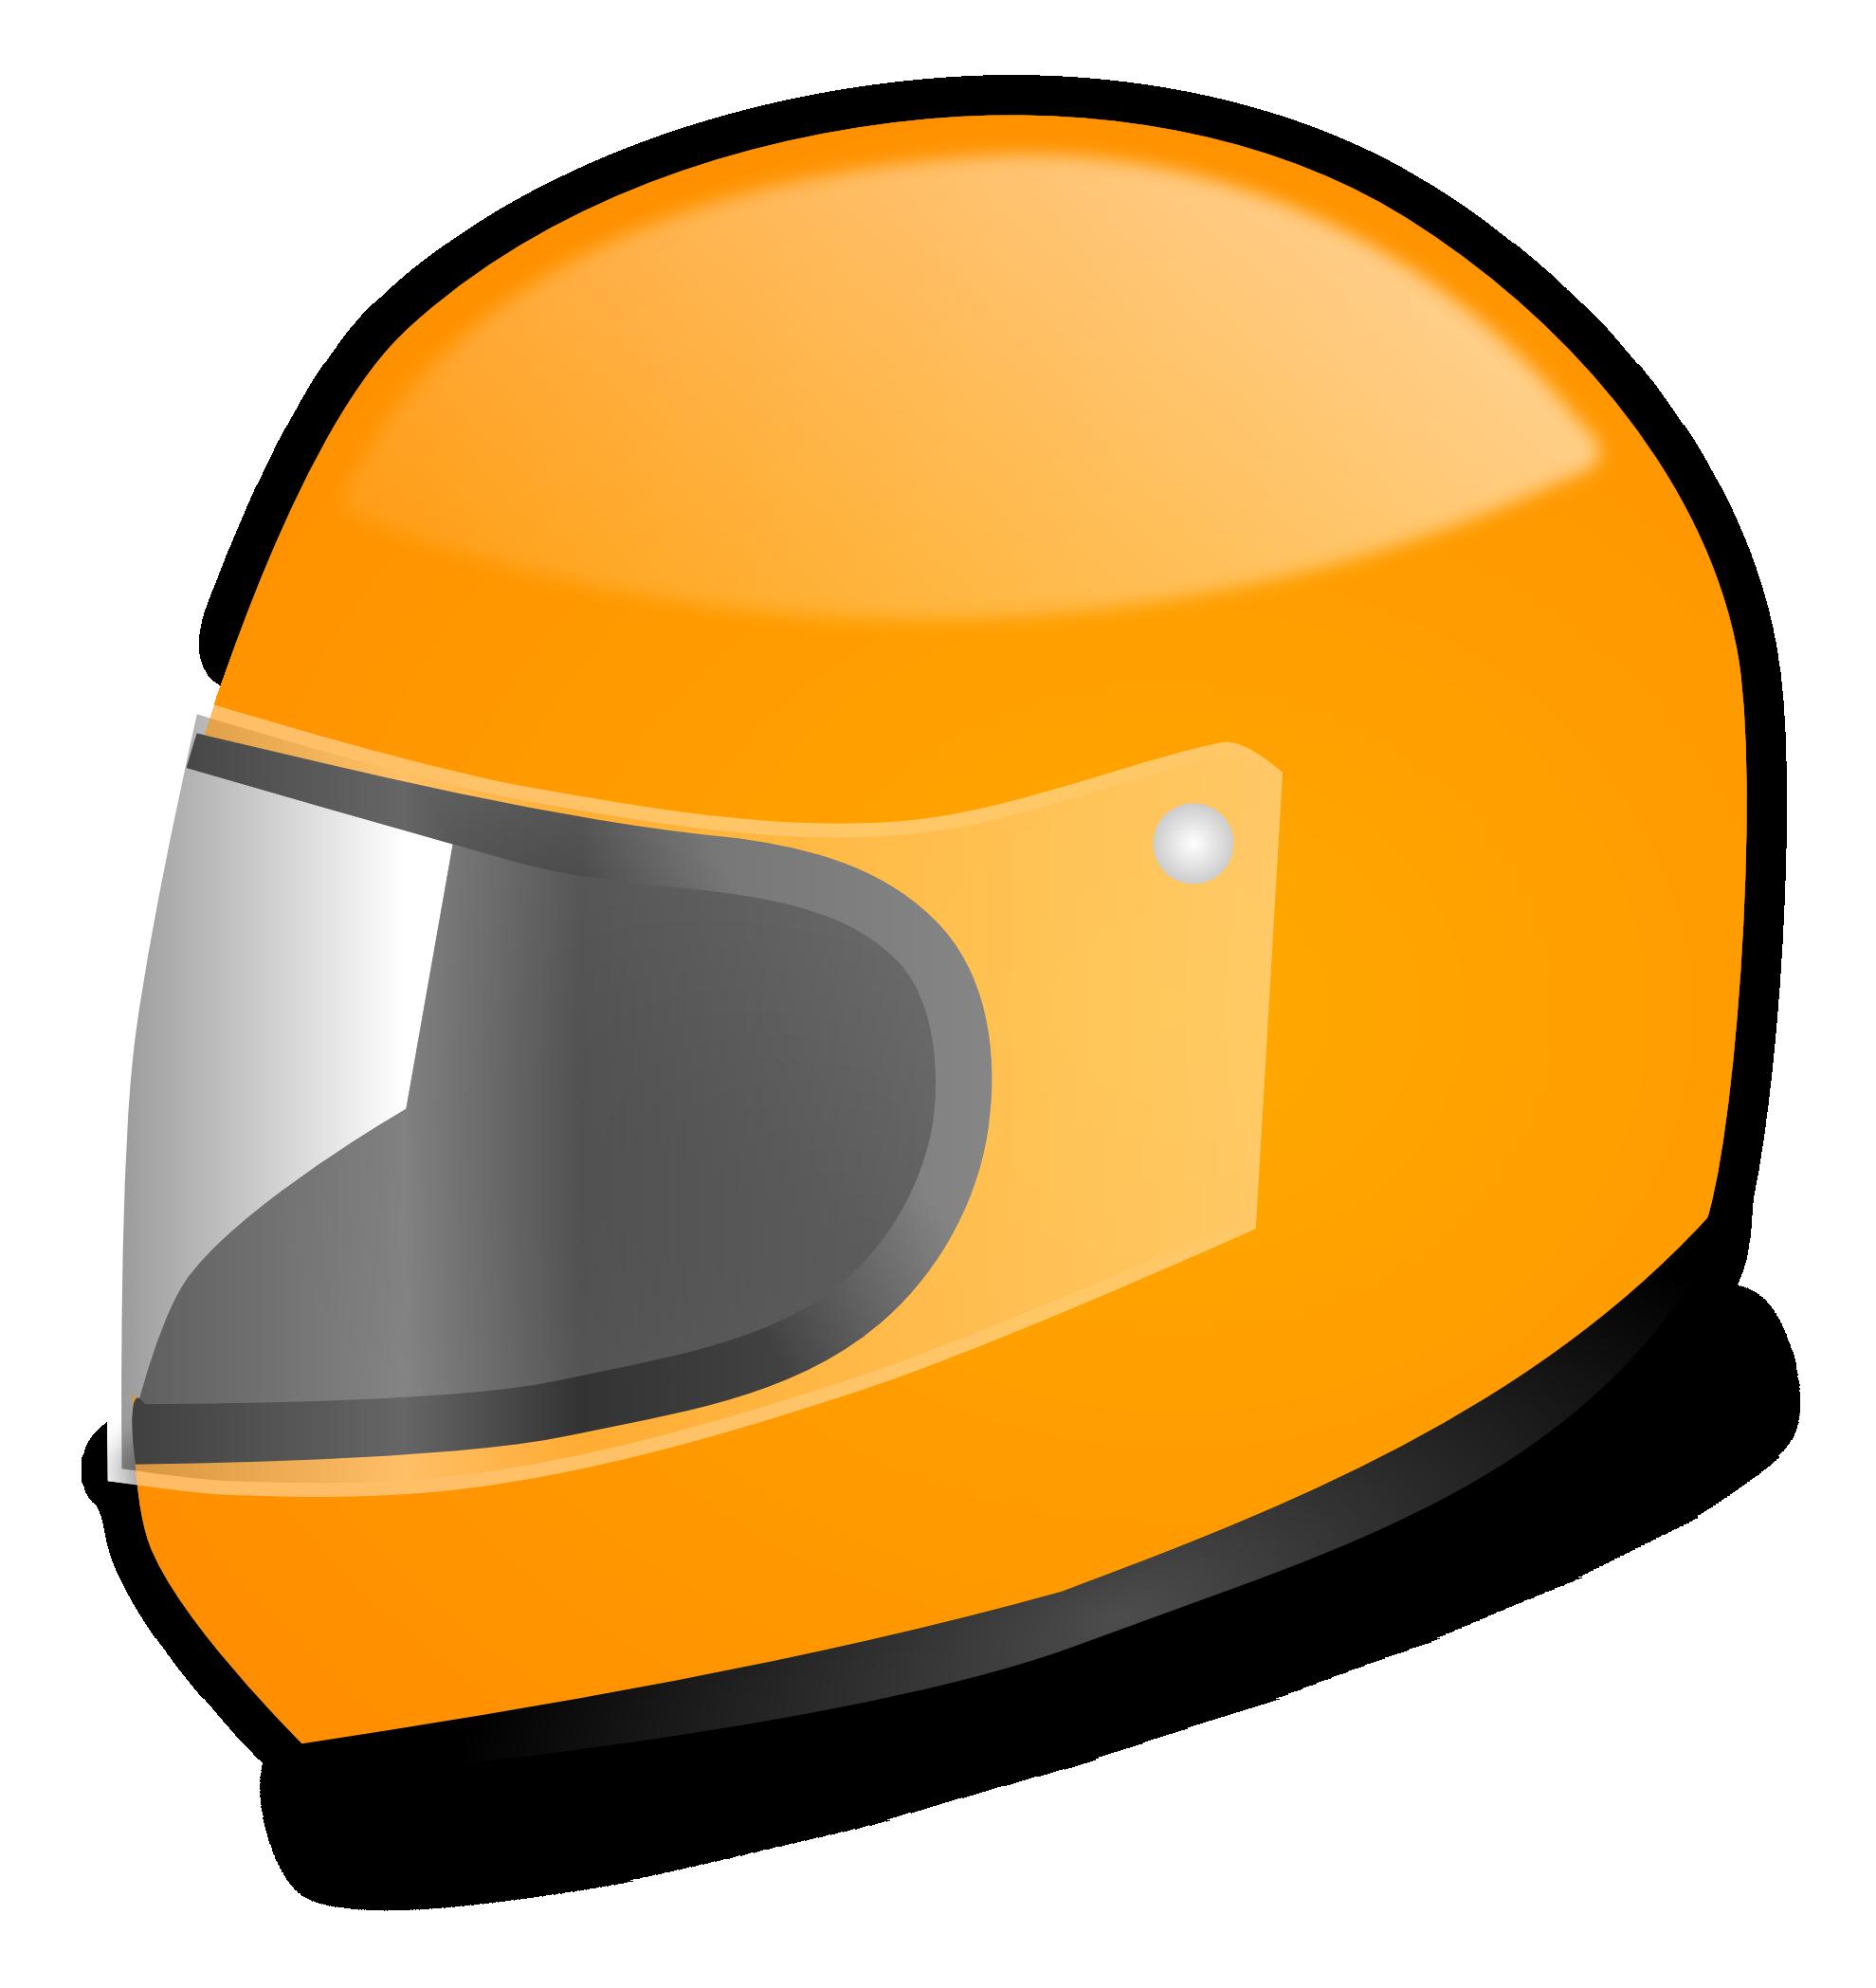 Motorcycle Helmet Clipart superbike